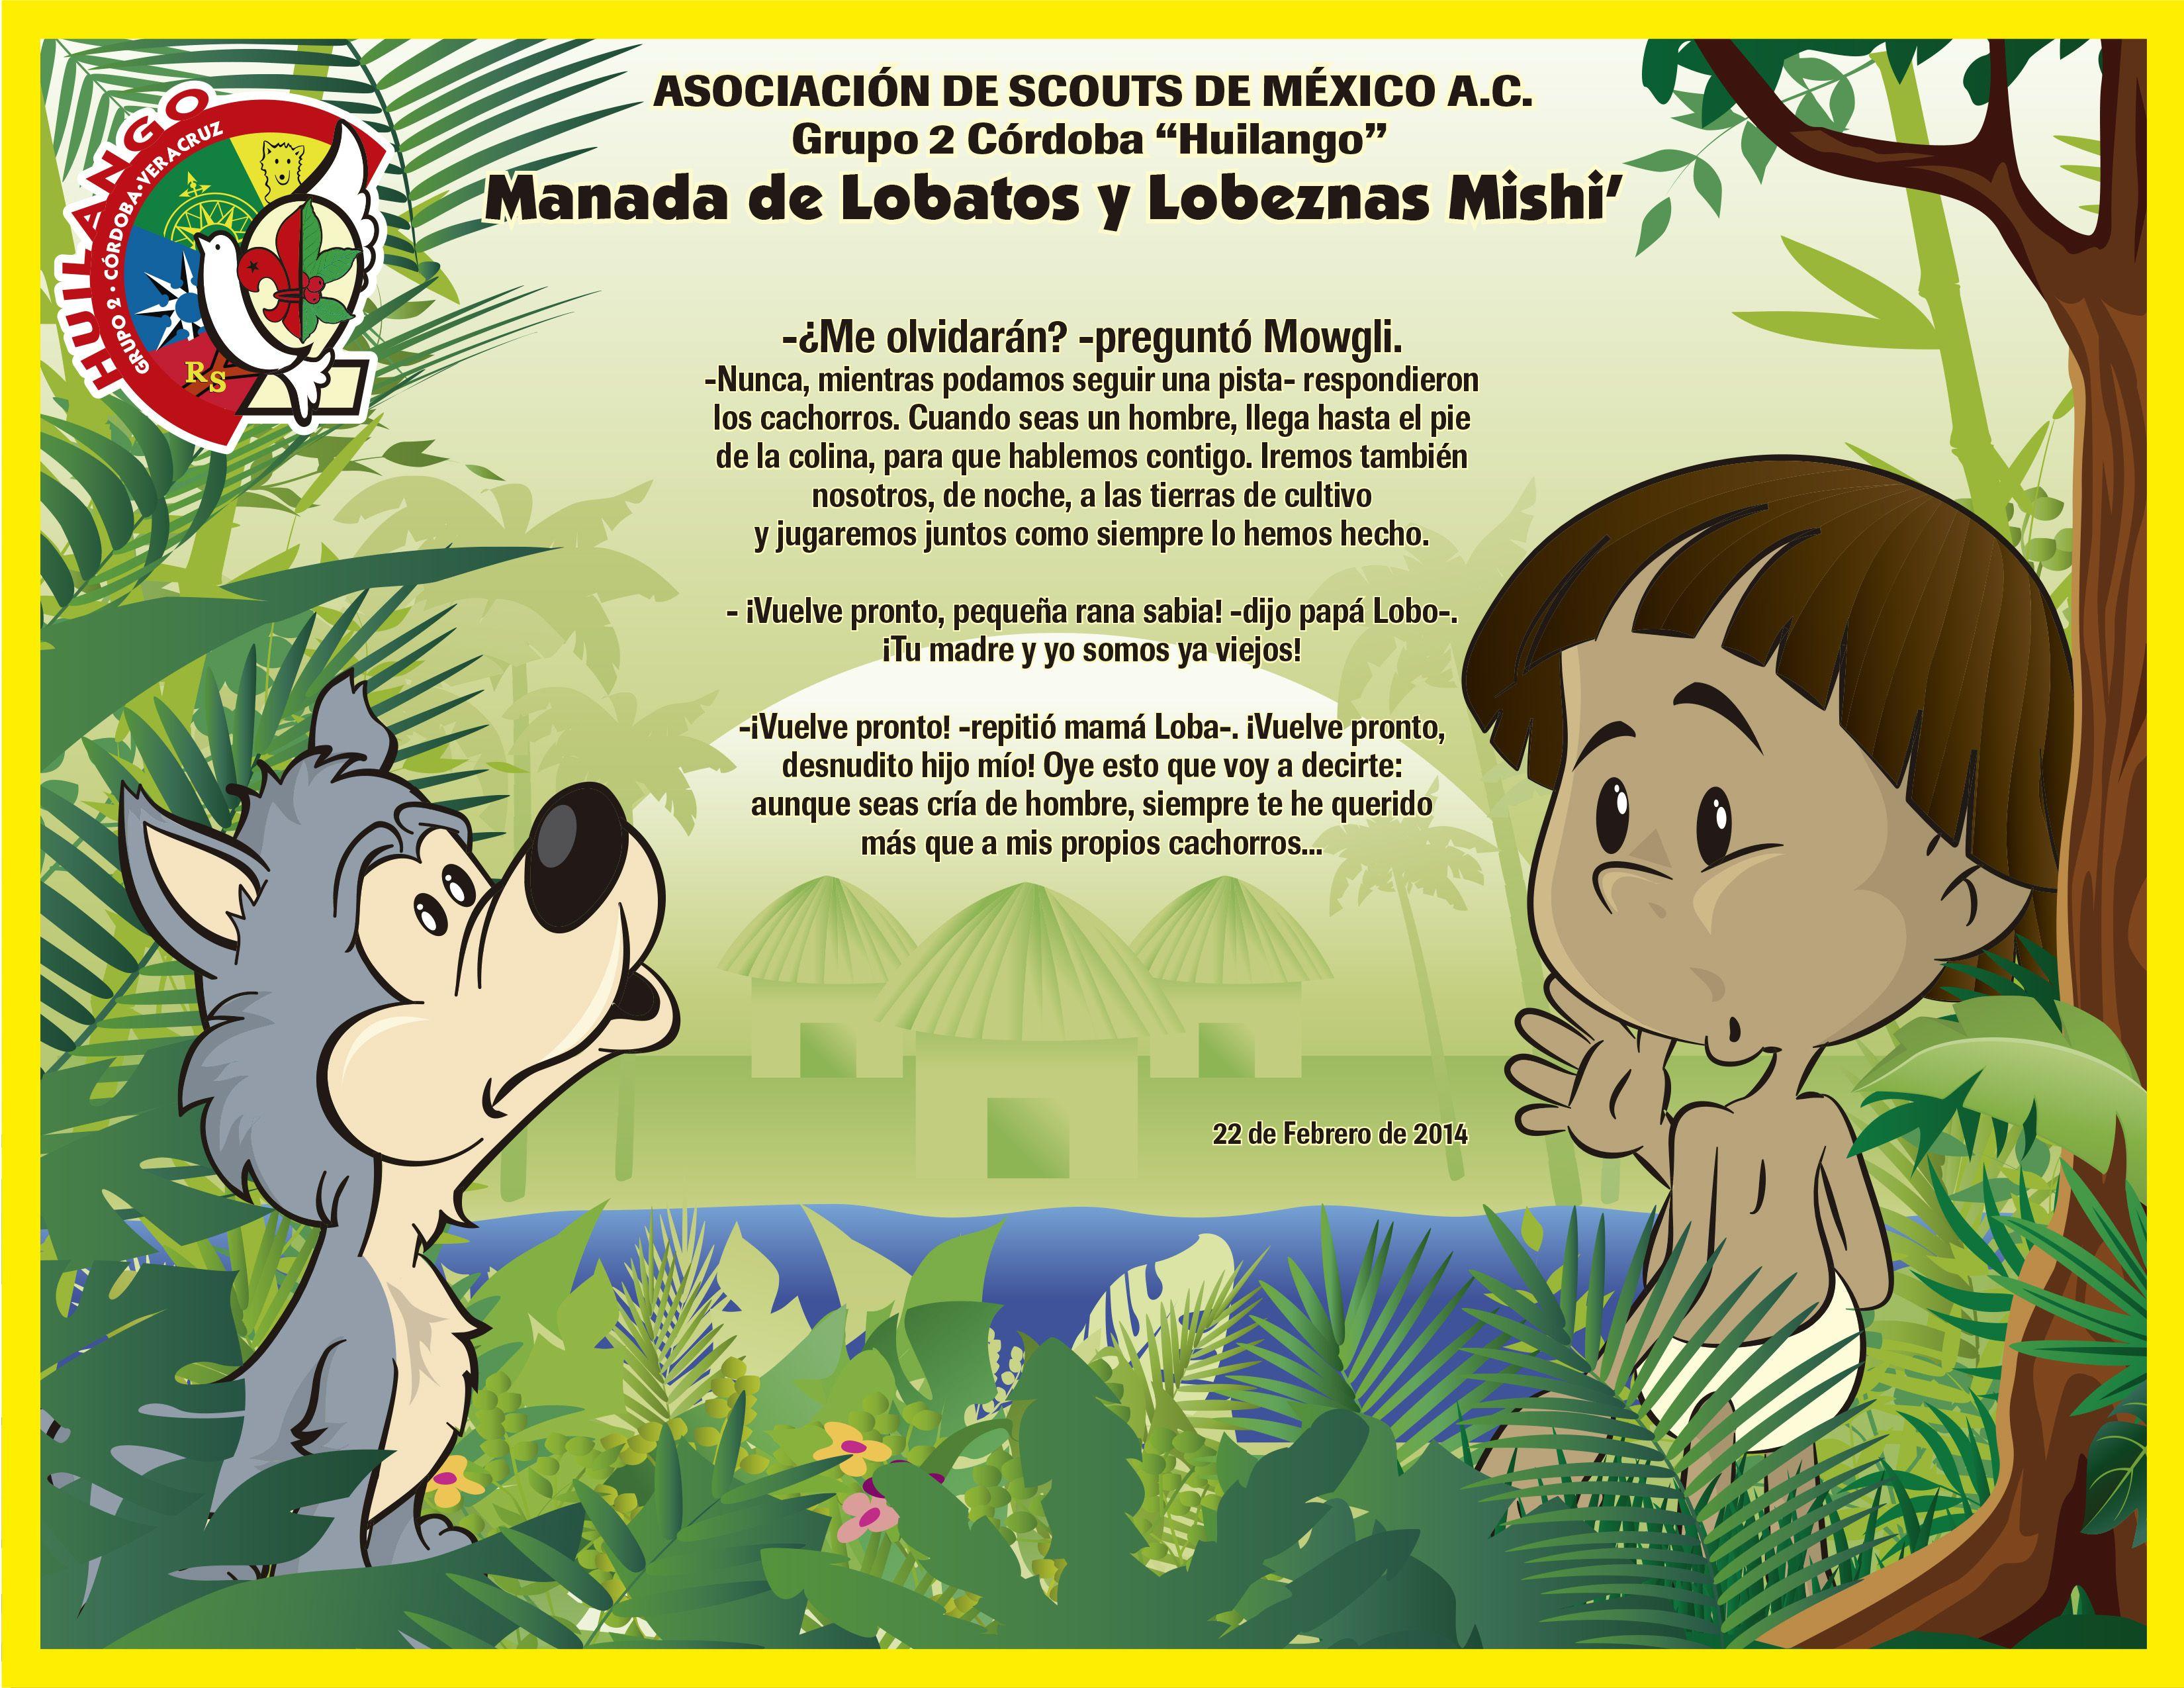 Adios A La Manada Reconocimiento Para Lobatos Que Parten A Tropa Scout Scouts De Mexico Ilustración Lobo Dibujo De Lobos